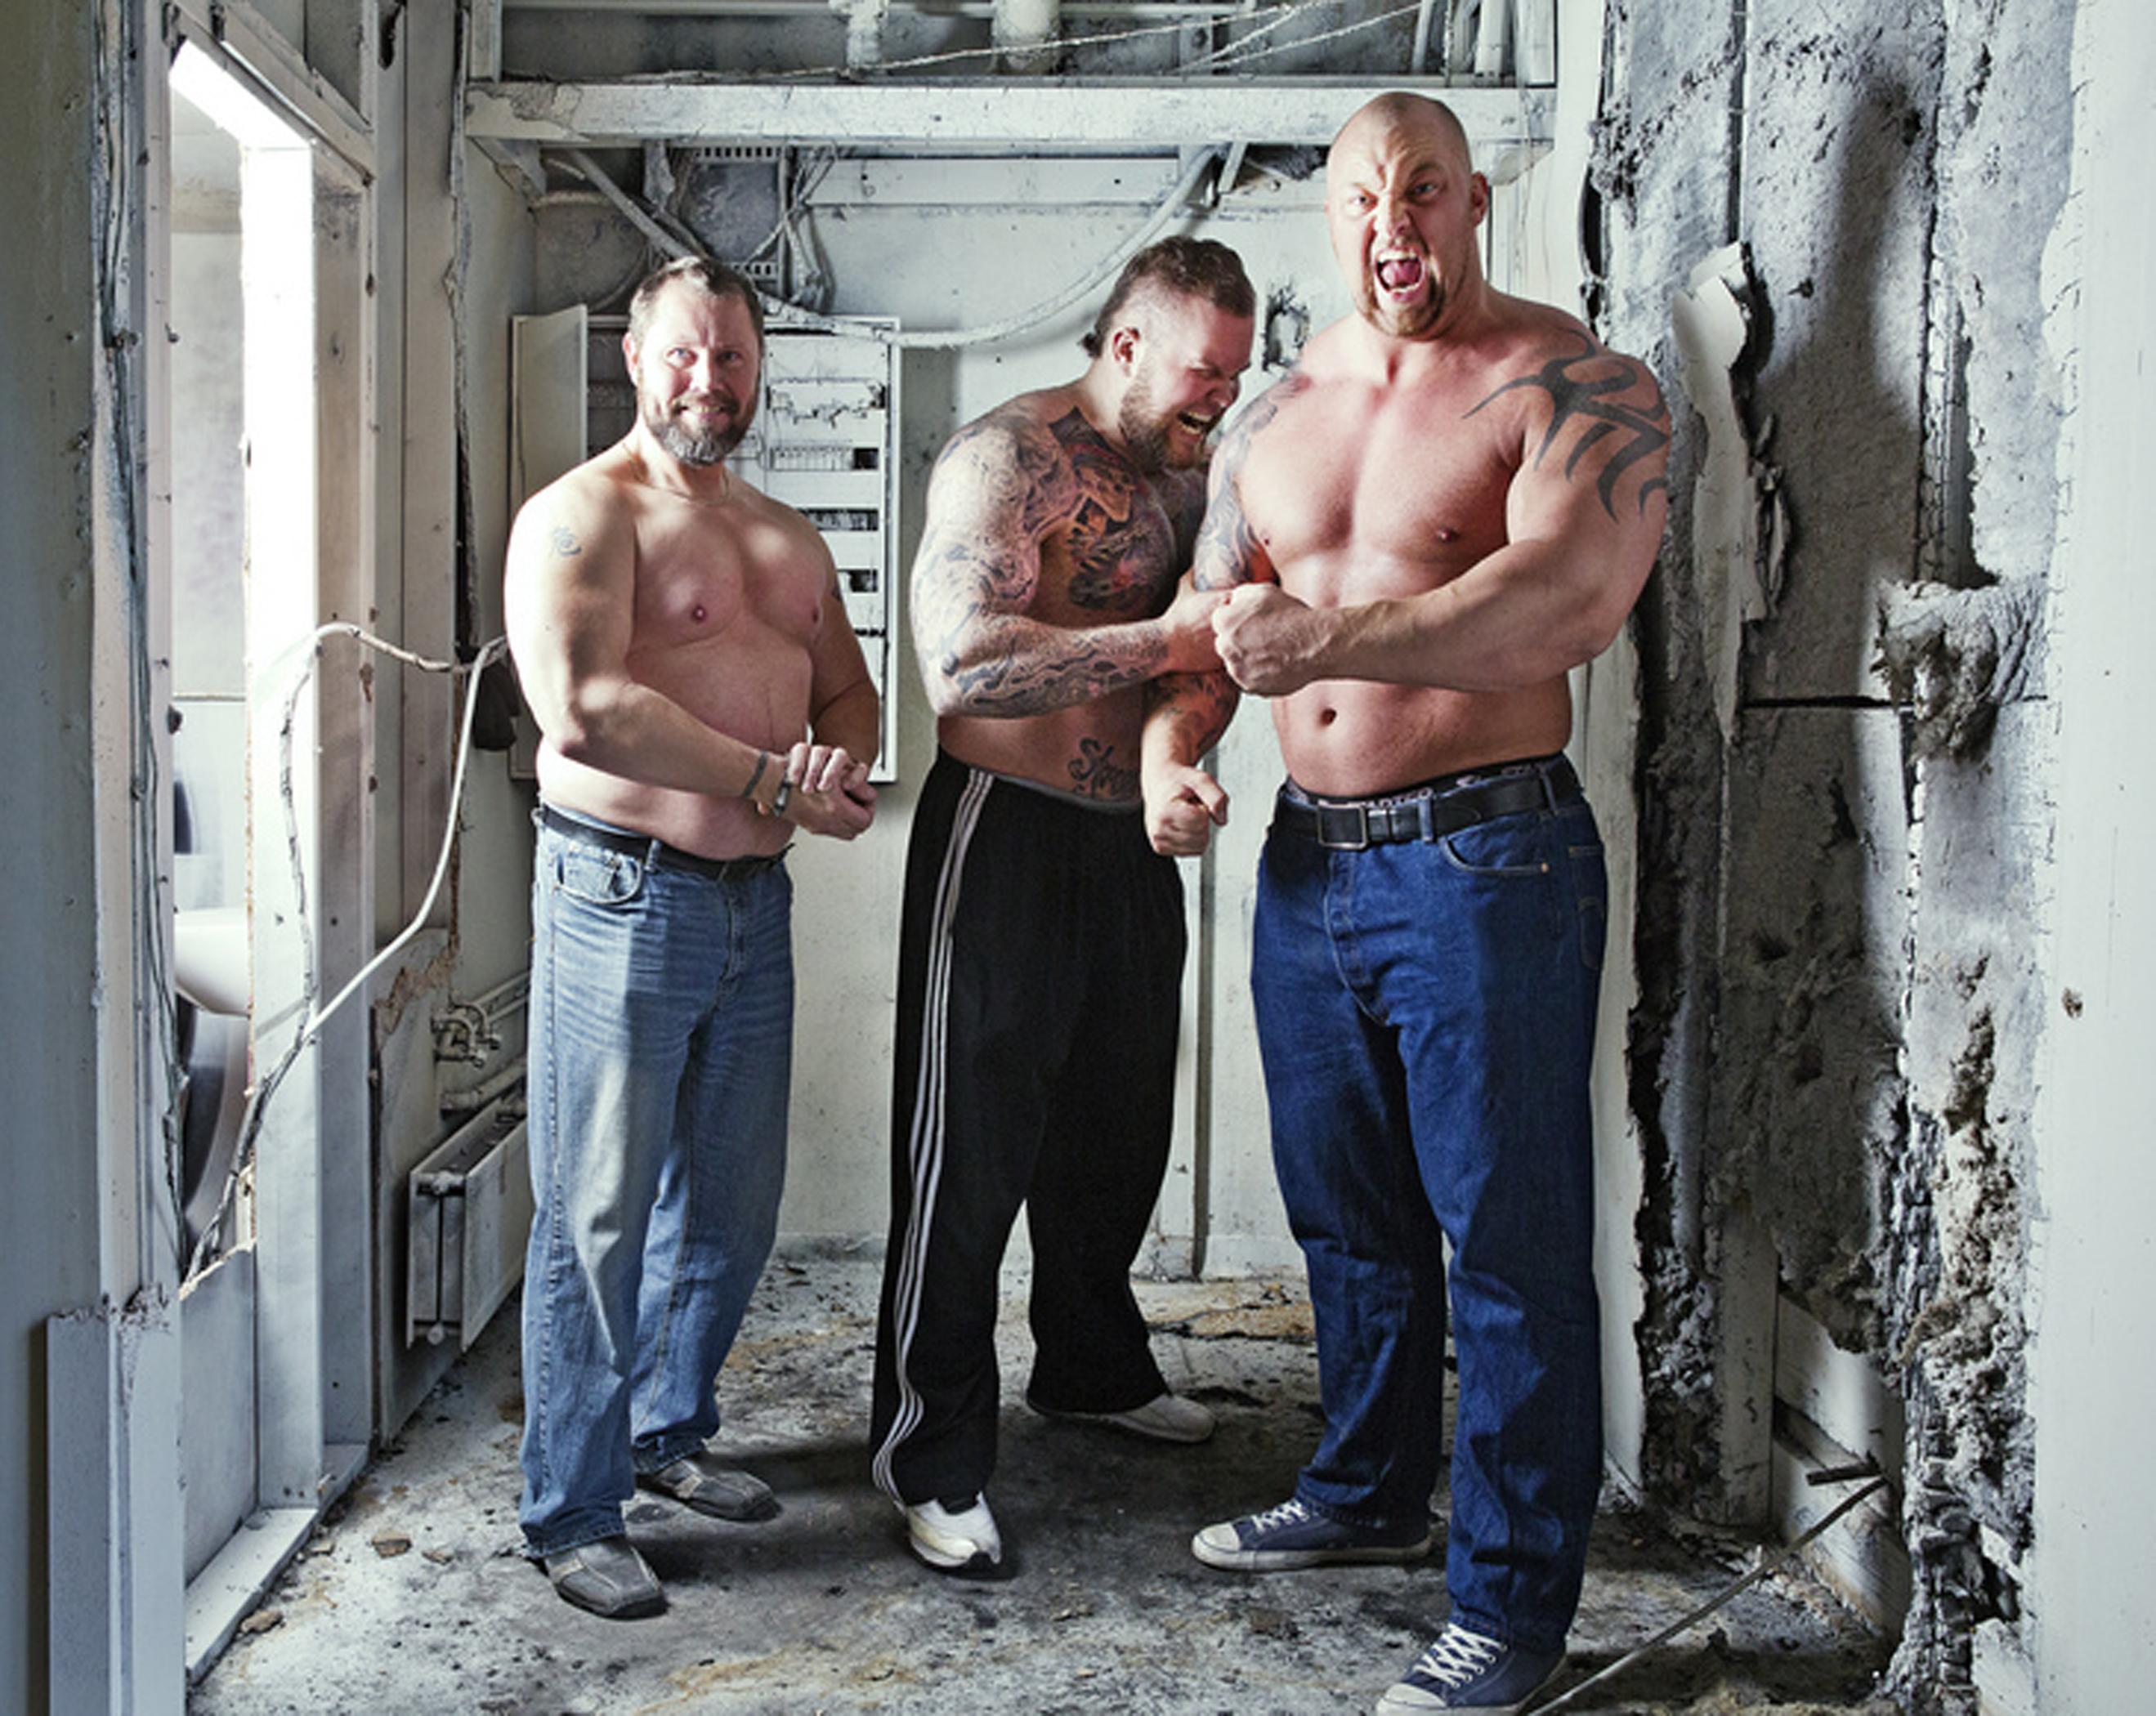 pudzianowski mariusz steroids